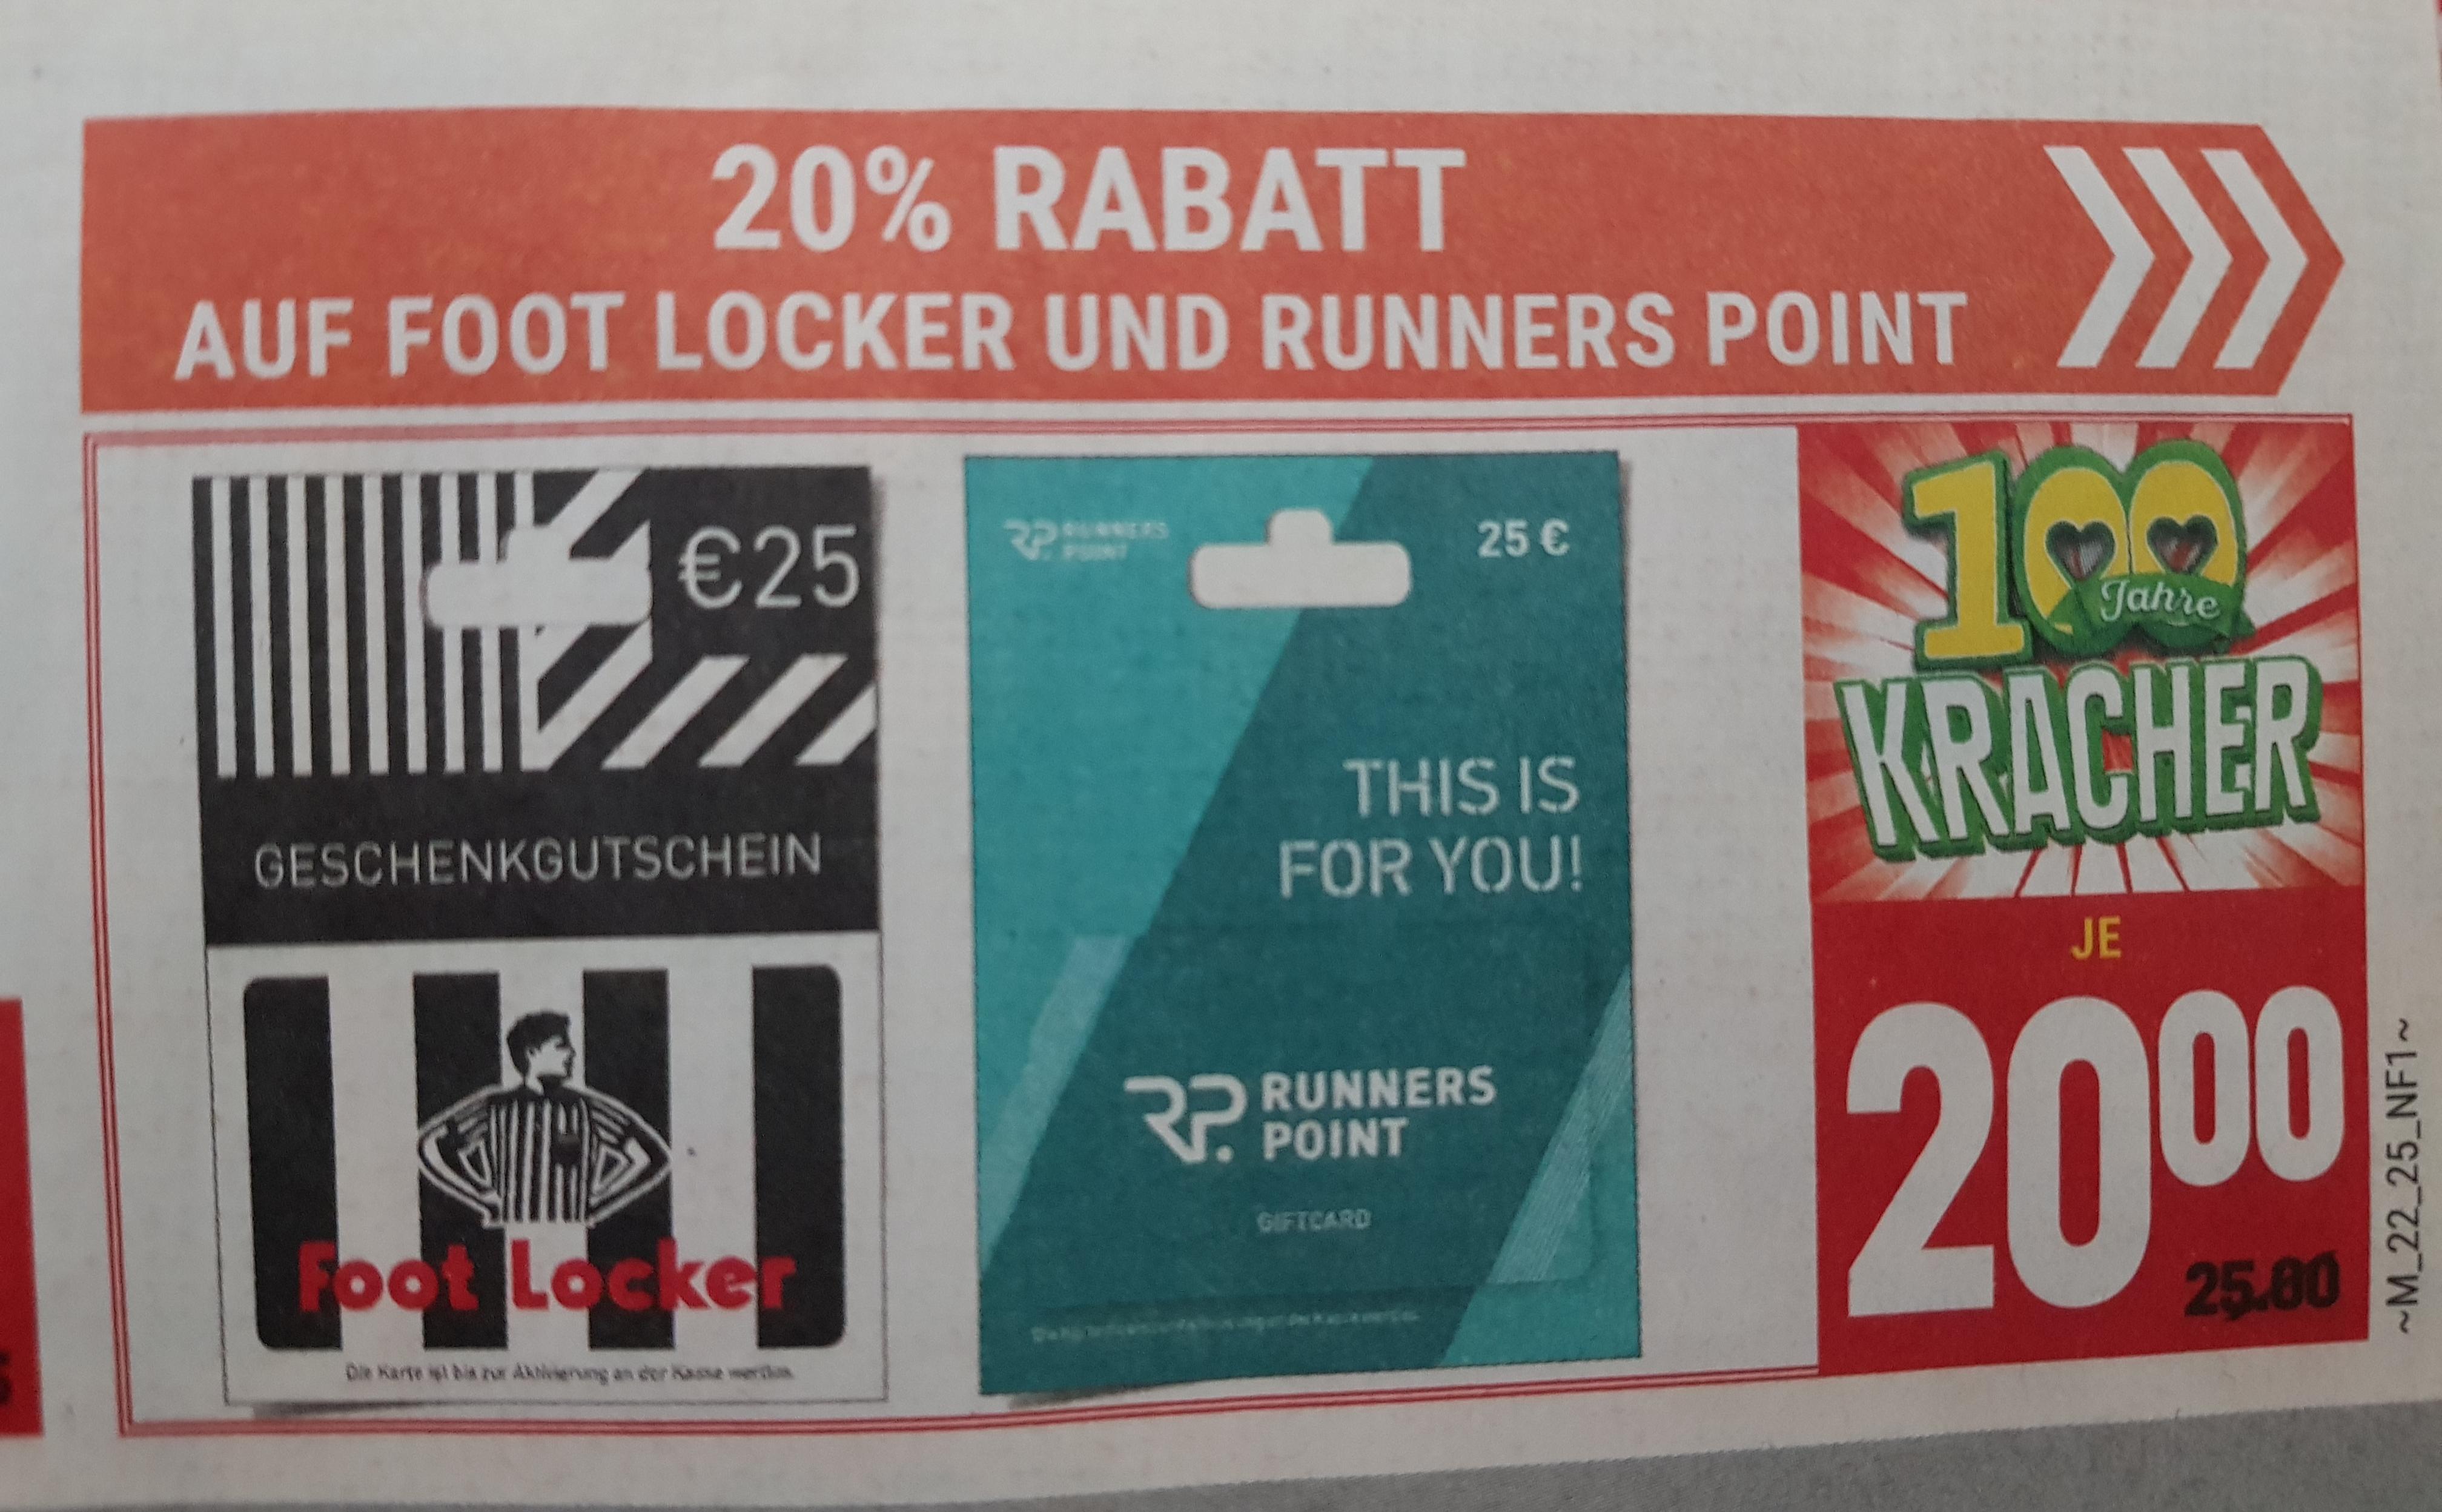 Lokal Marktkauf Bad Salzuflen, E-Center Herford - 20% RABATT AUF FOOT LOCKER UND RUNNERS POINT GUTSCHEINE